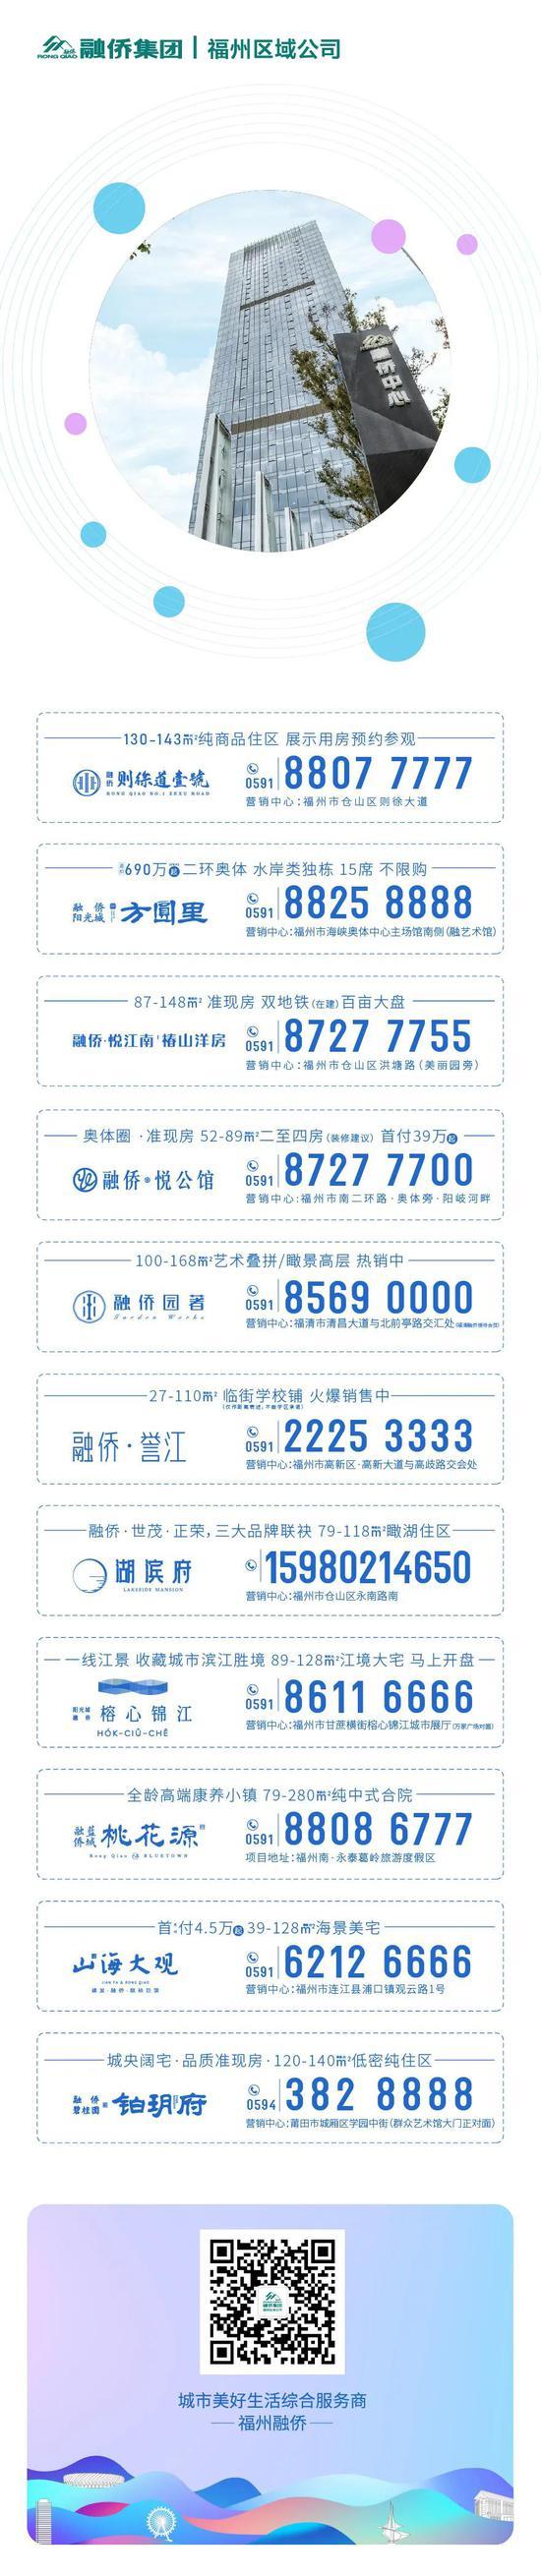 融侨·世茂·正荣湖滨府 马上开盘,158万起抢地铁正三房